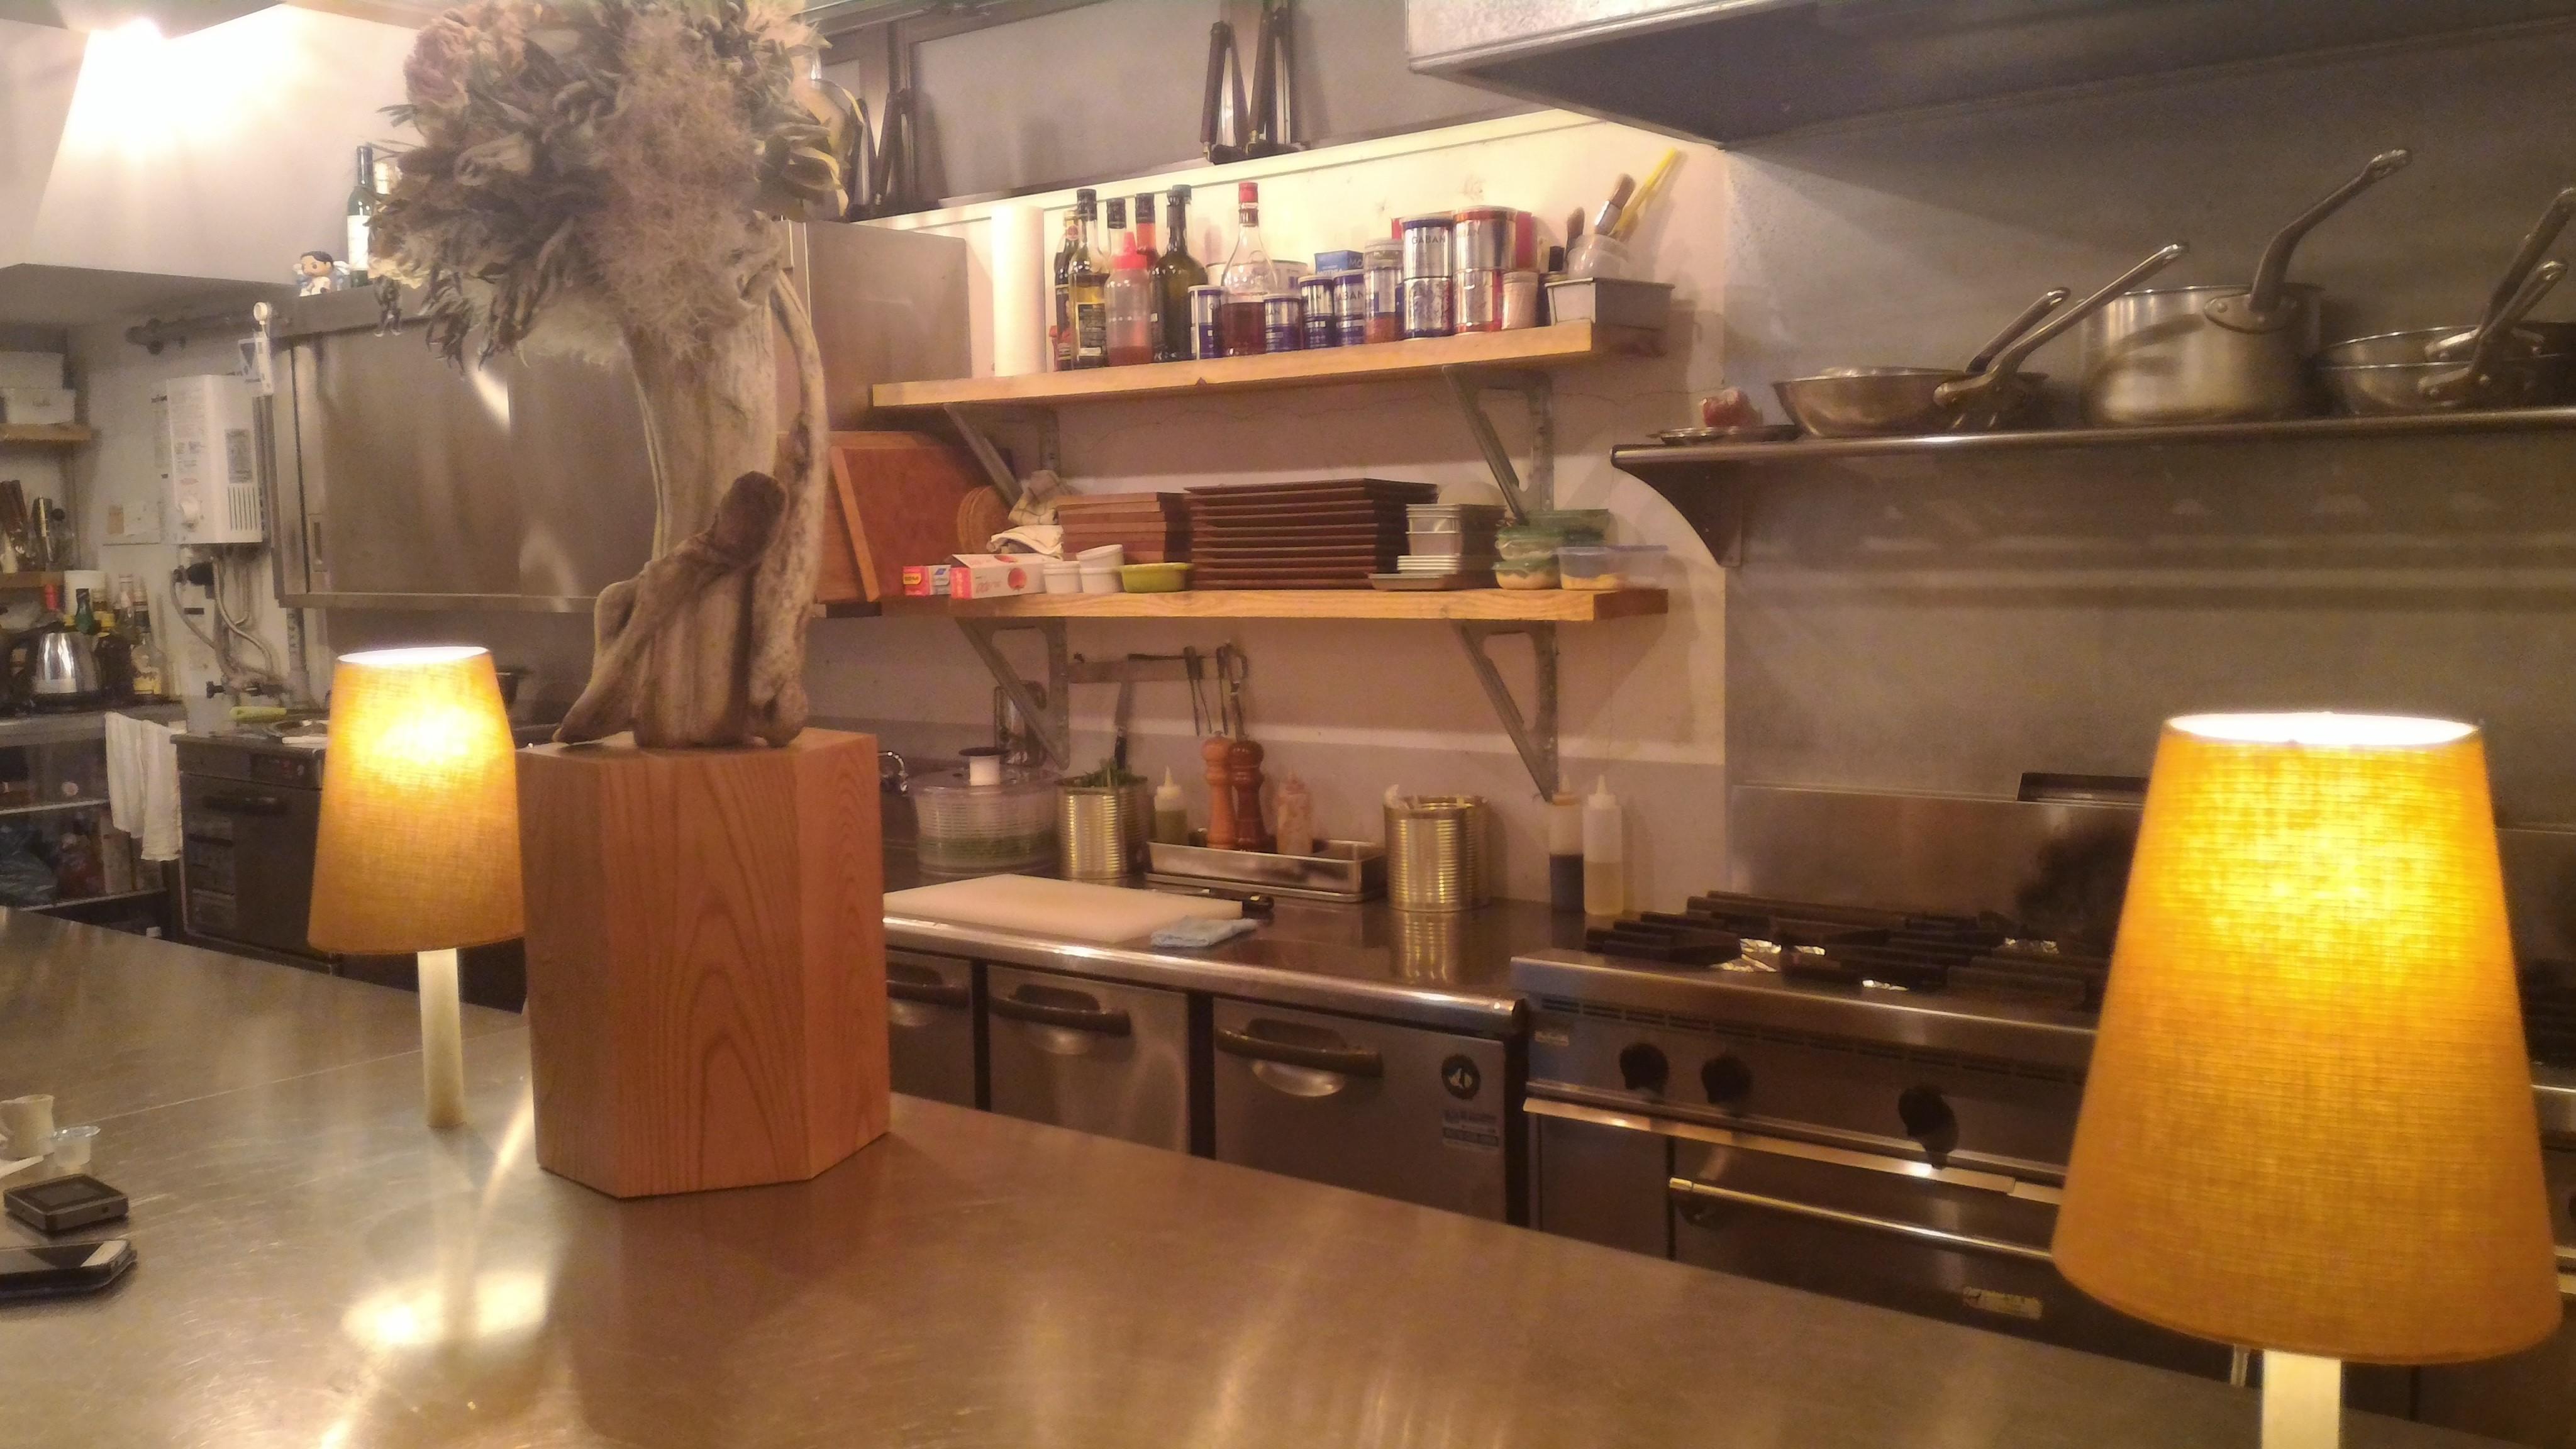 で豪華なキッチン付きレンタル ...